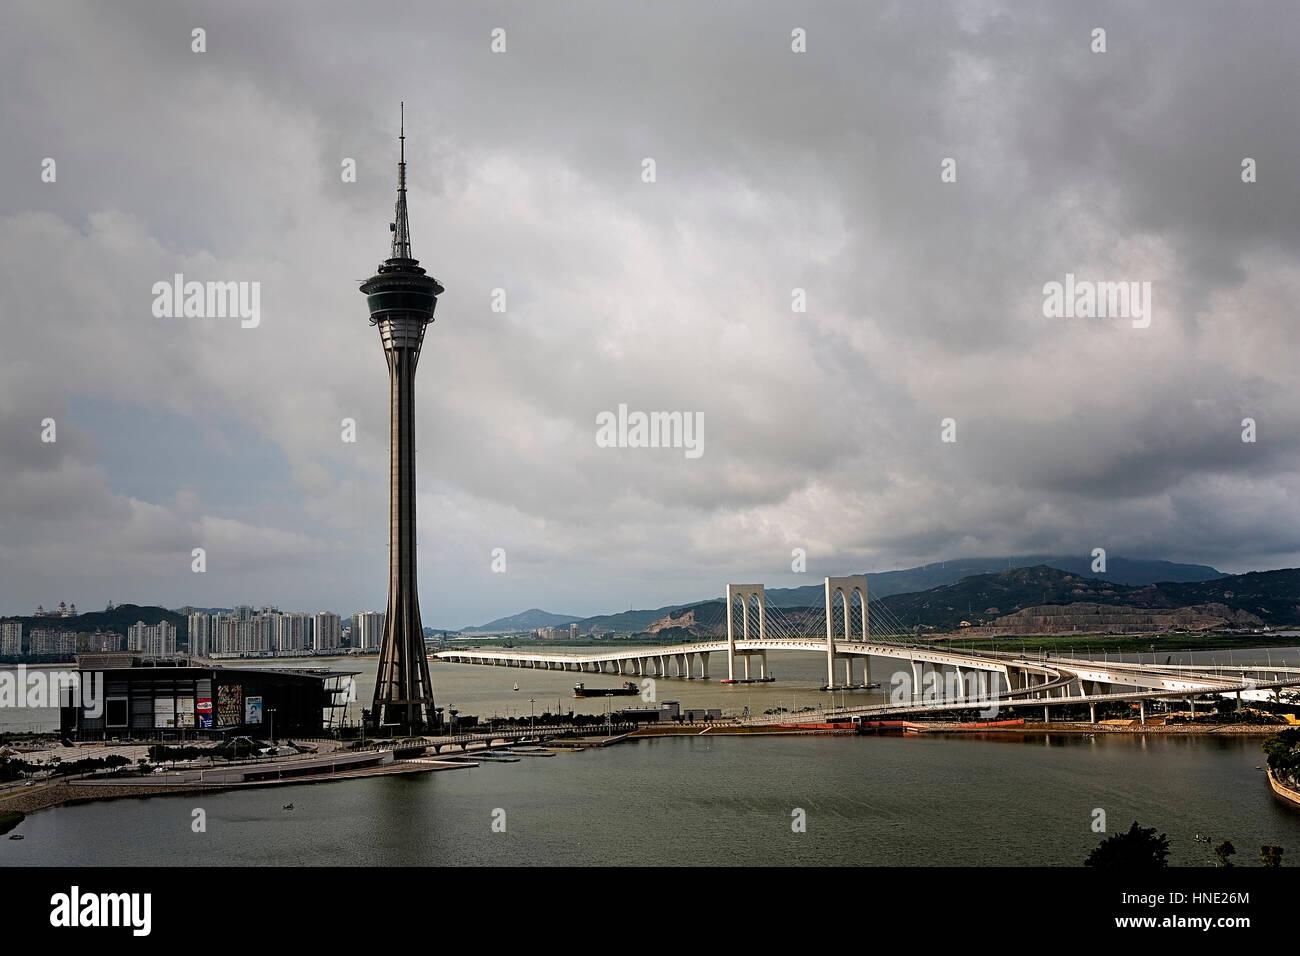 Macau Tower and Sai Van bridge that links Macau to Taipa island,Macau,China - Stock Image